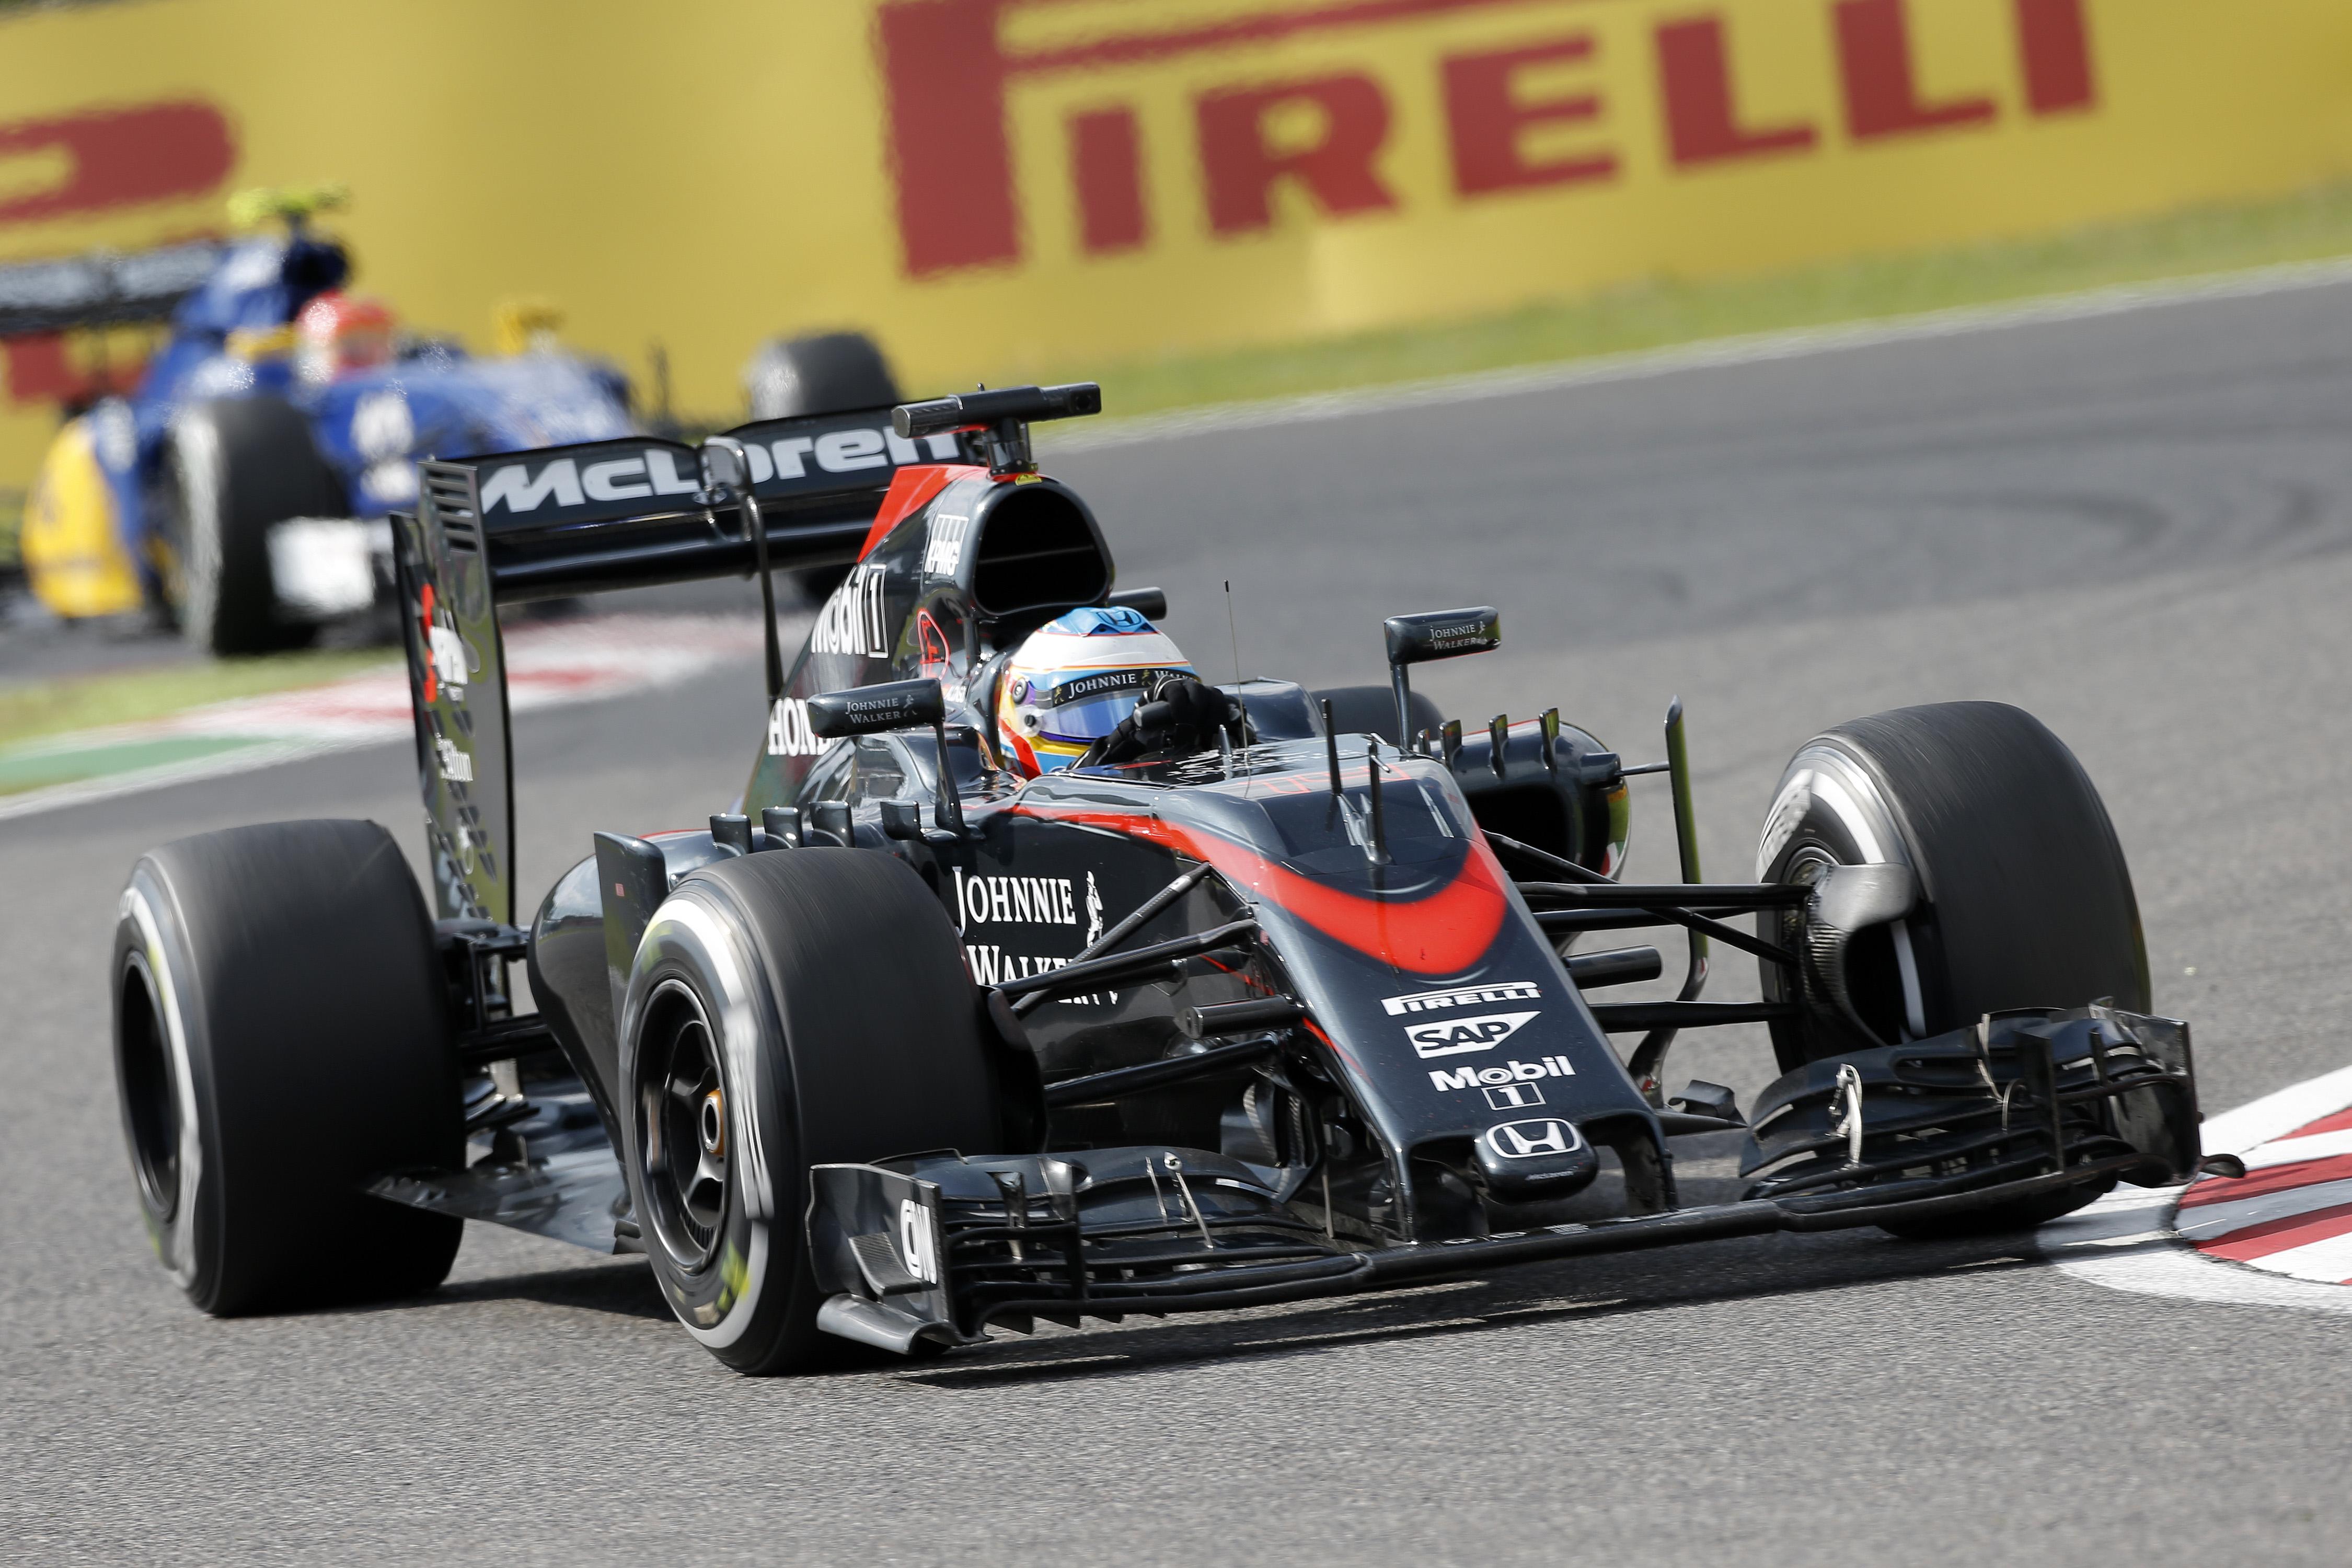 Mi jön még? A Honda szerint a McLaren a mélyrepülés oka!